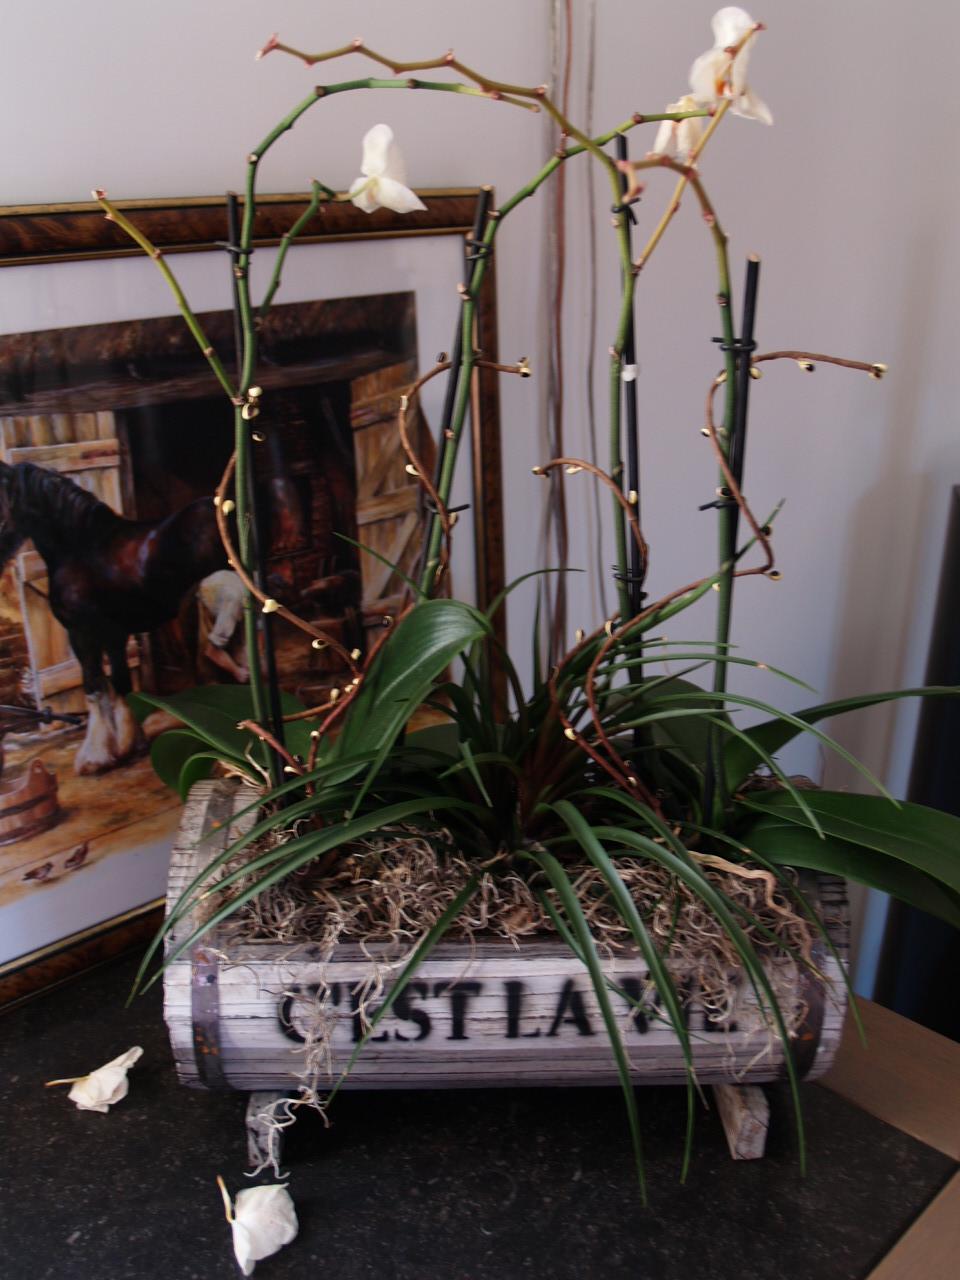 Comment S Occuper D Un Orchidée orchidée qui perd toutes ses fleurs.que faire?? - jardinage